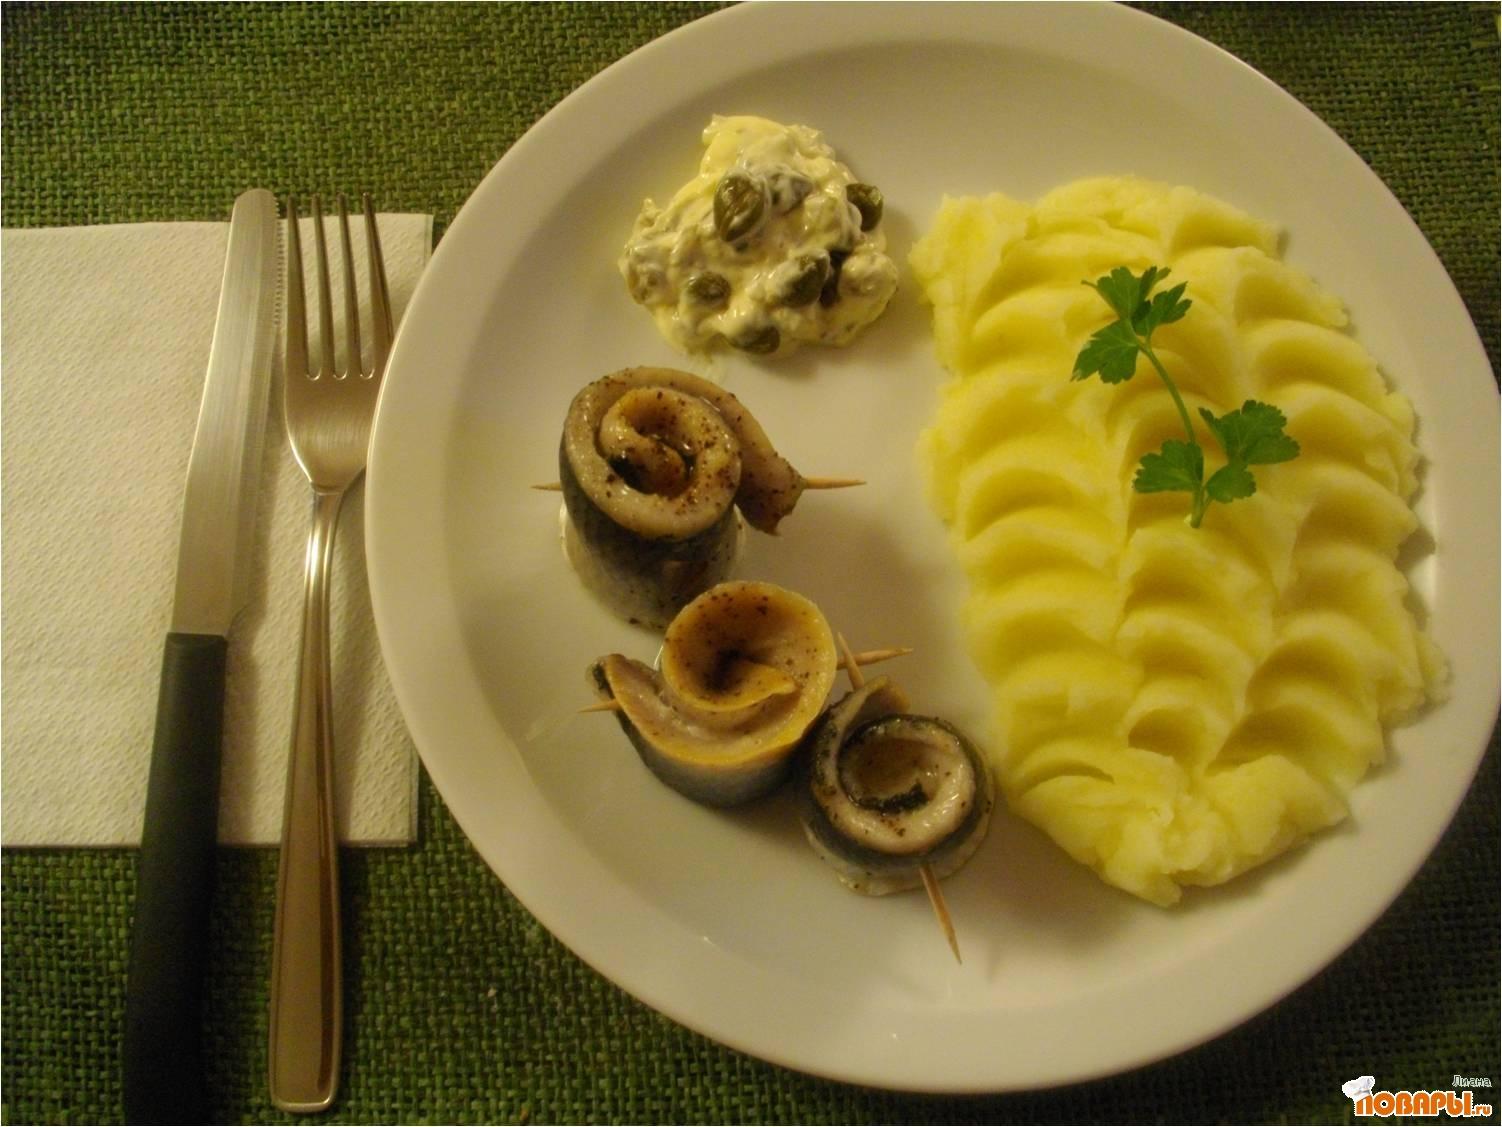 Рецепт Селедочка на пару с каперсовым соусом.